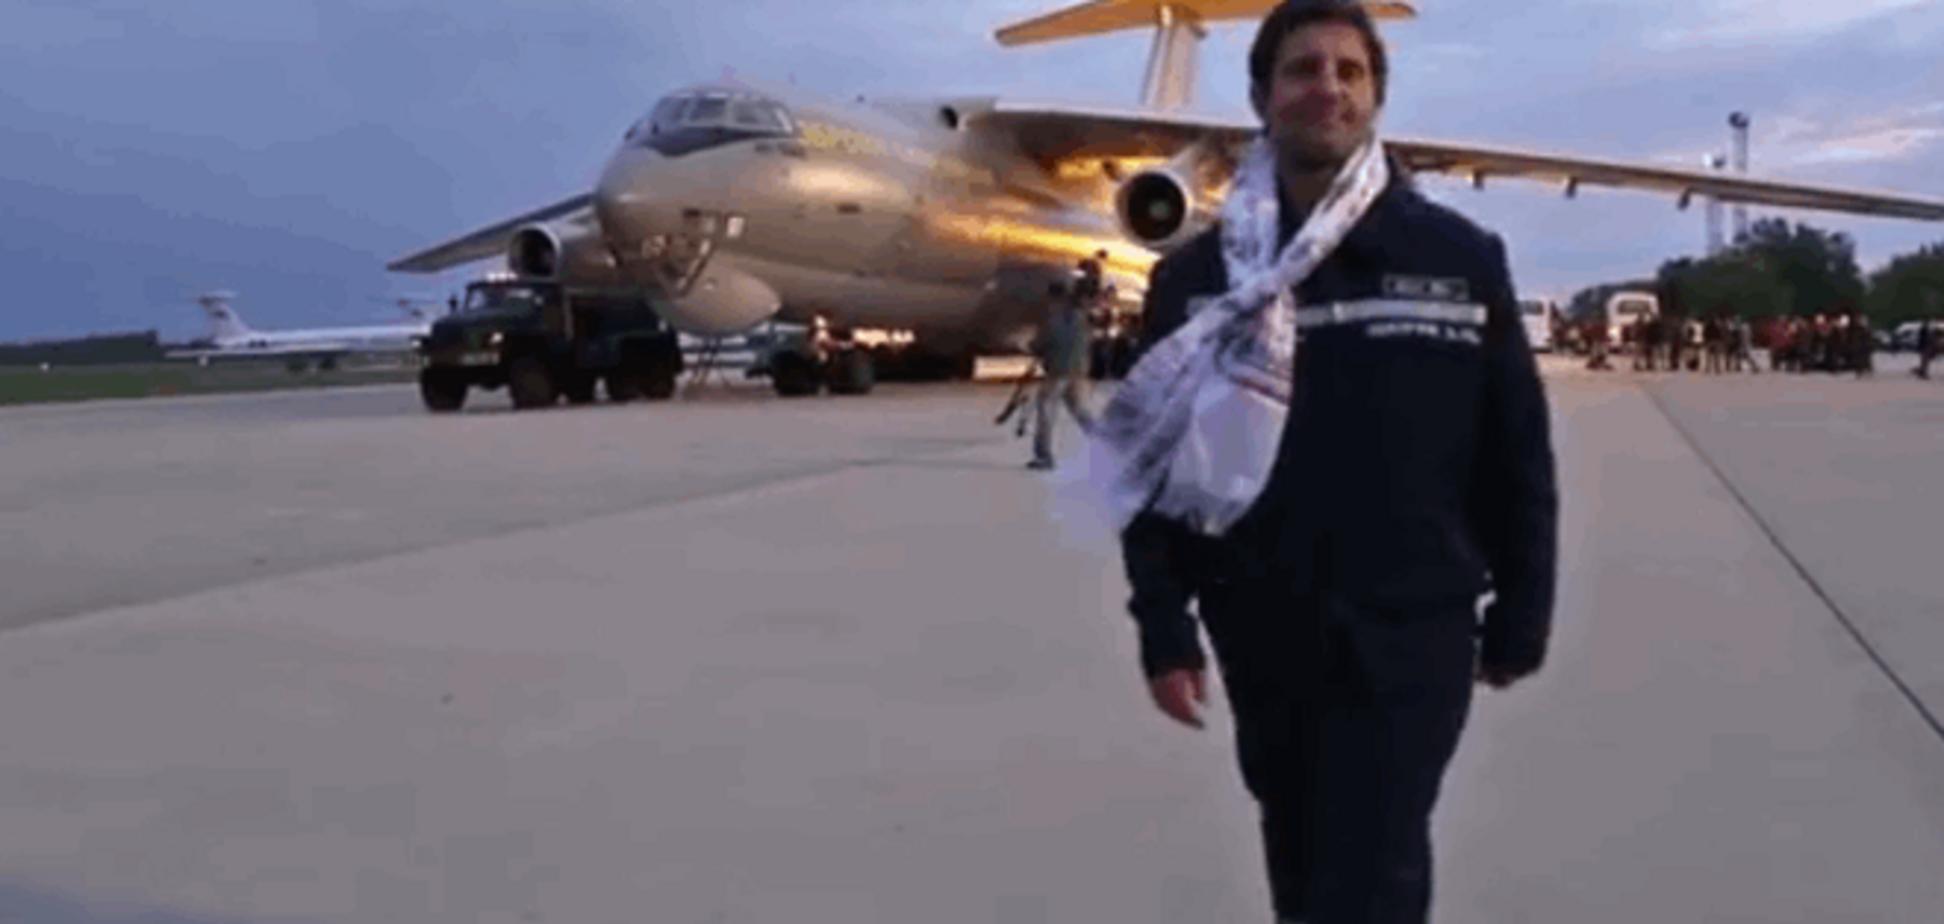 Епічна подорож! Опубліковано відео пророчих слів Шкіряка біля літака з Катманду